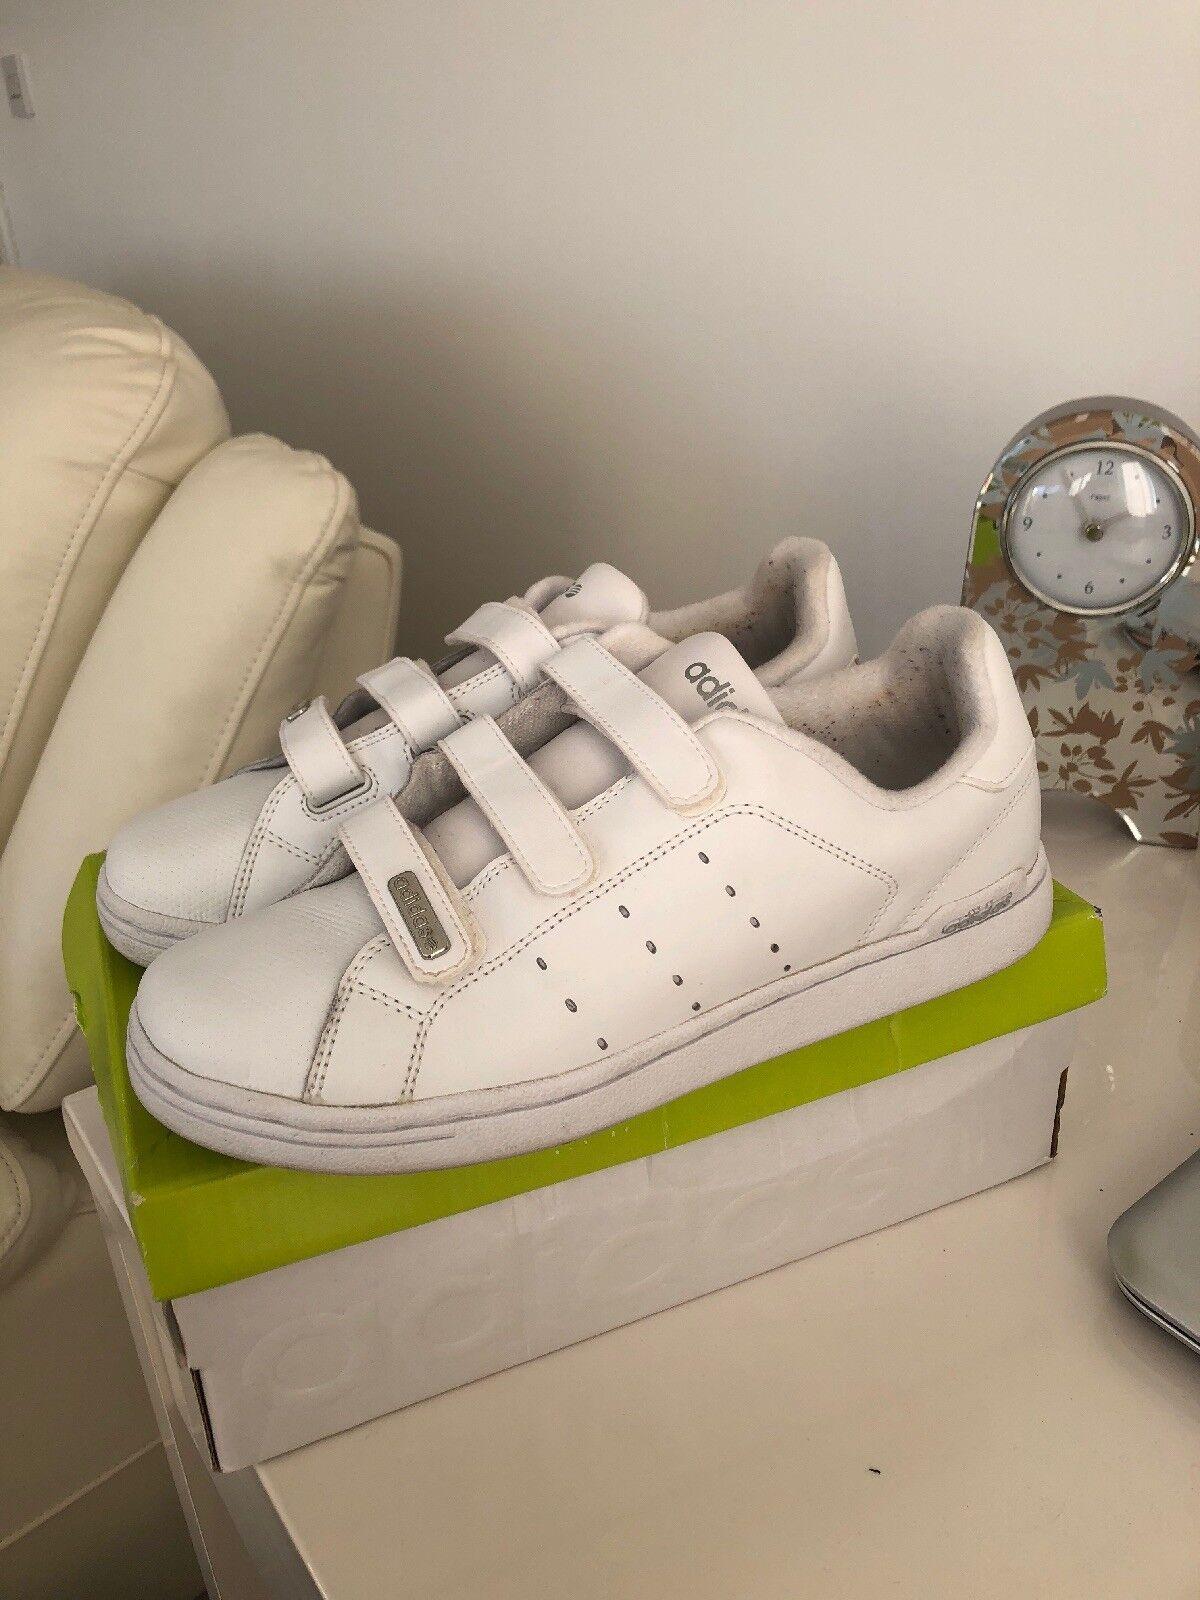 Adidas delle donne   ragazze formatori numero 5   Bel Colore    Uomo/Donna Scarpa